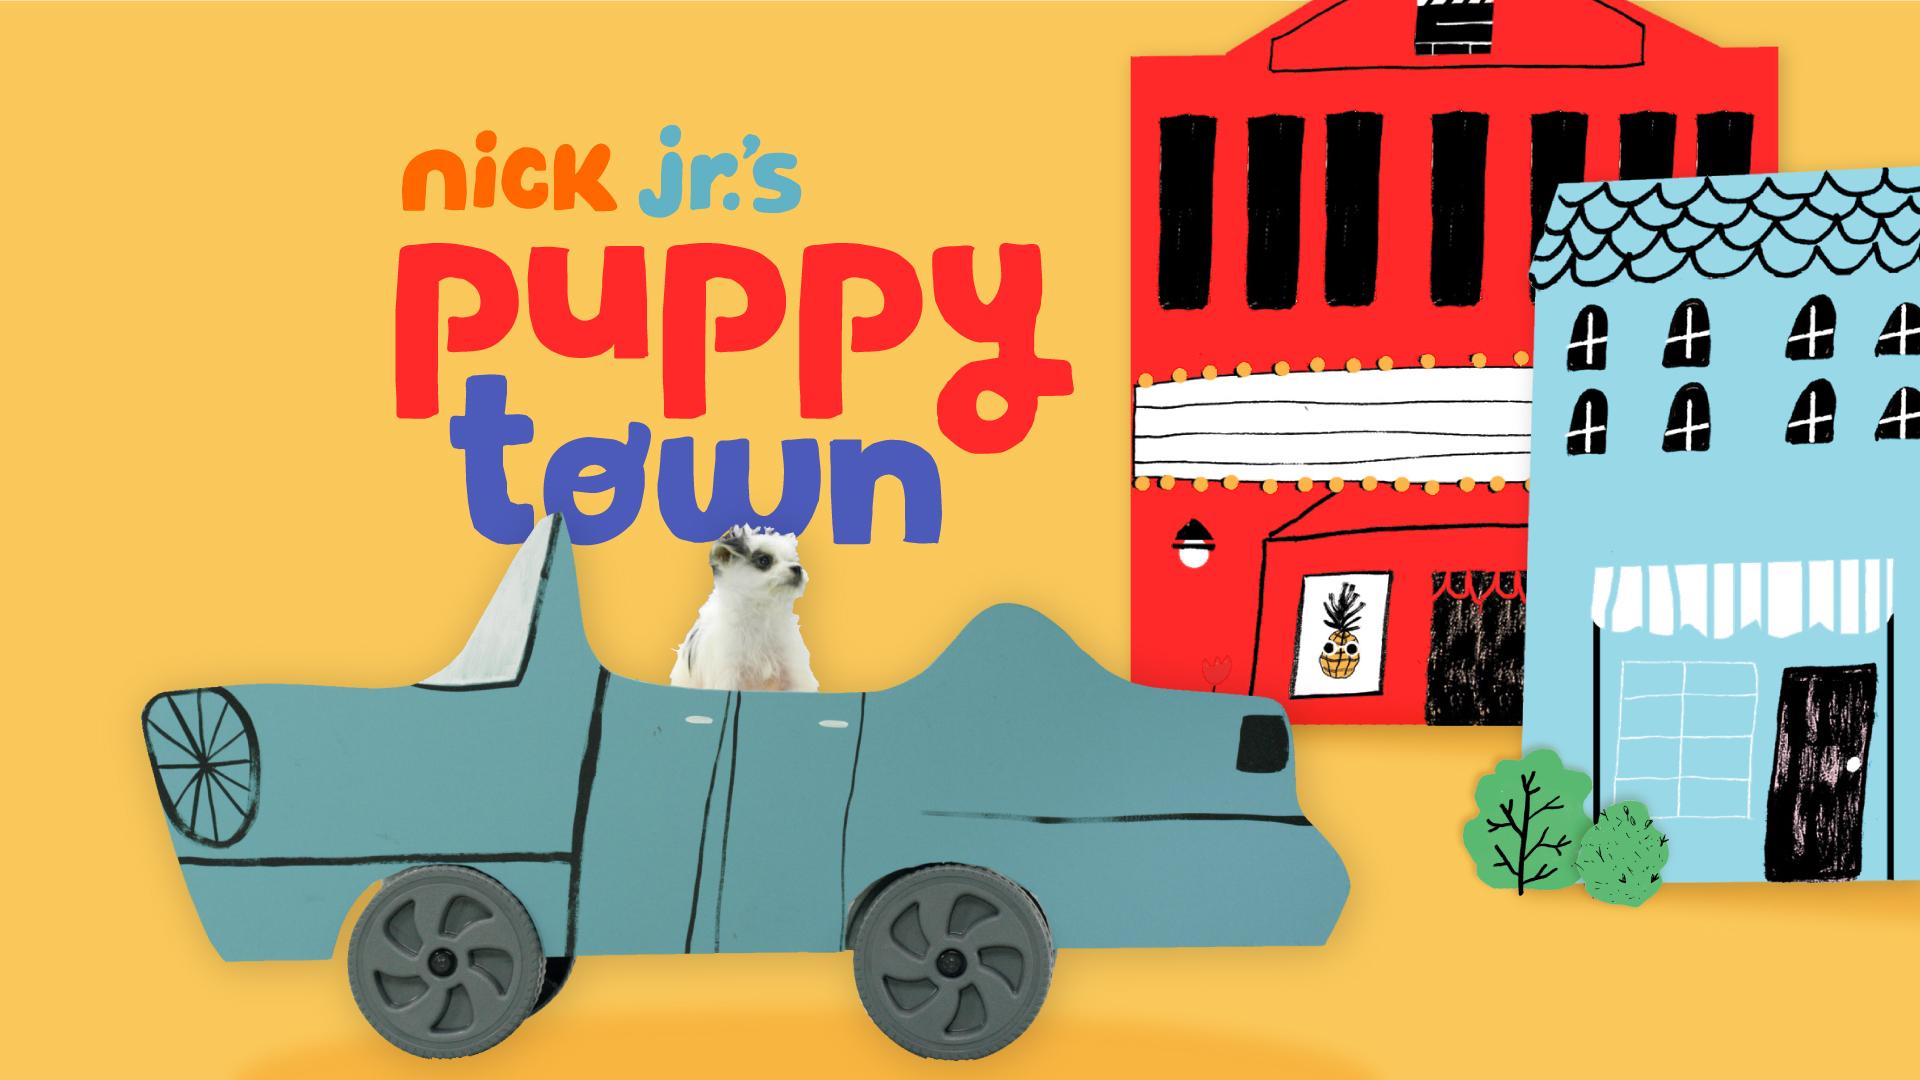 Puppy_Town_Title.jpg